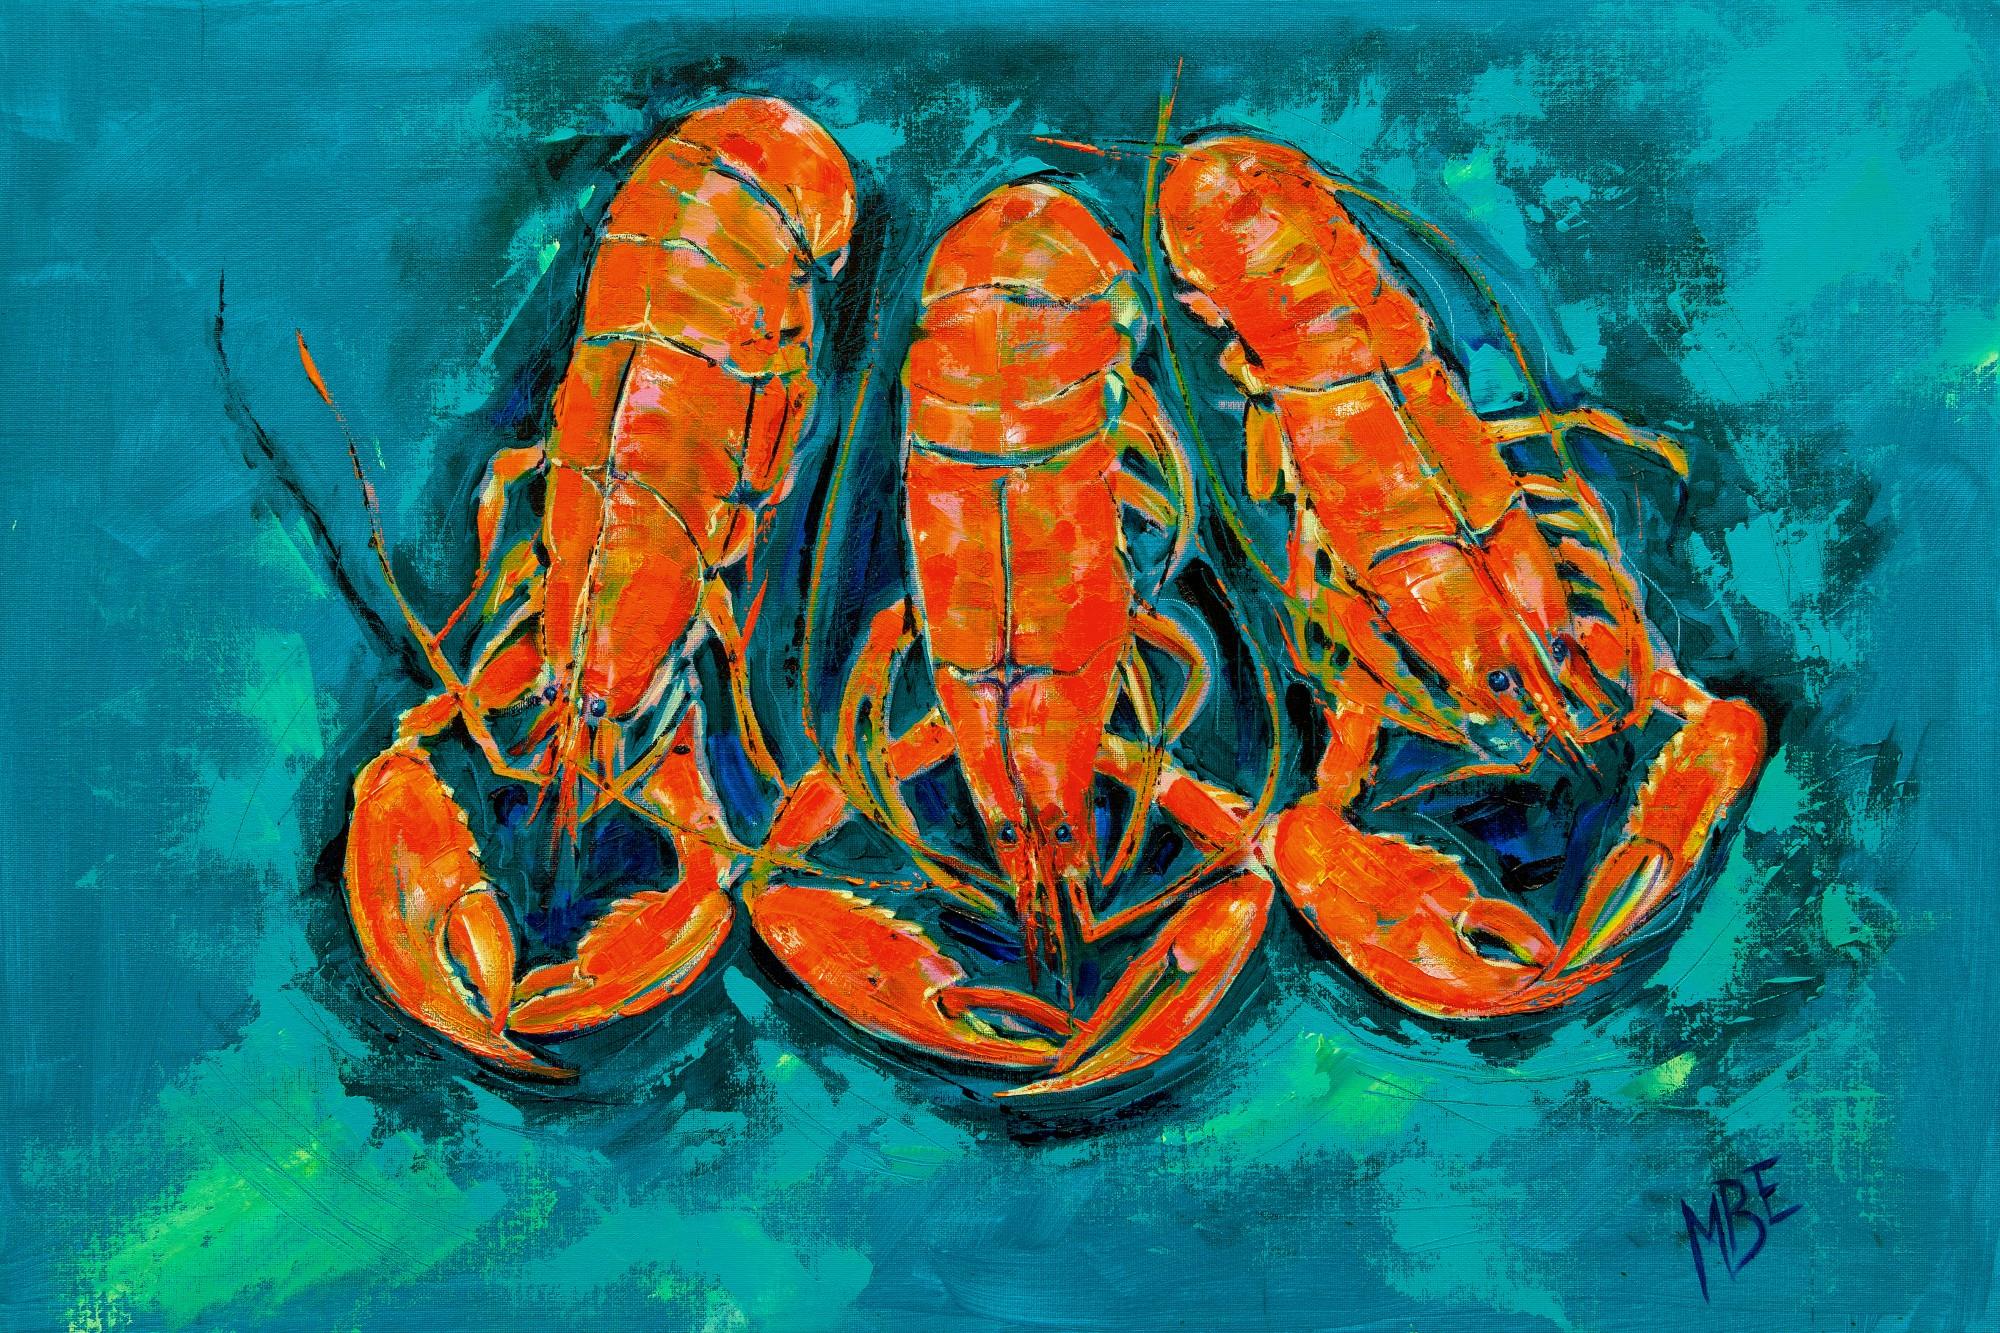 Three Lobsters on cloth